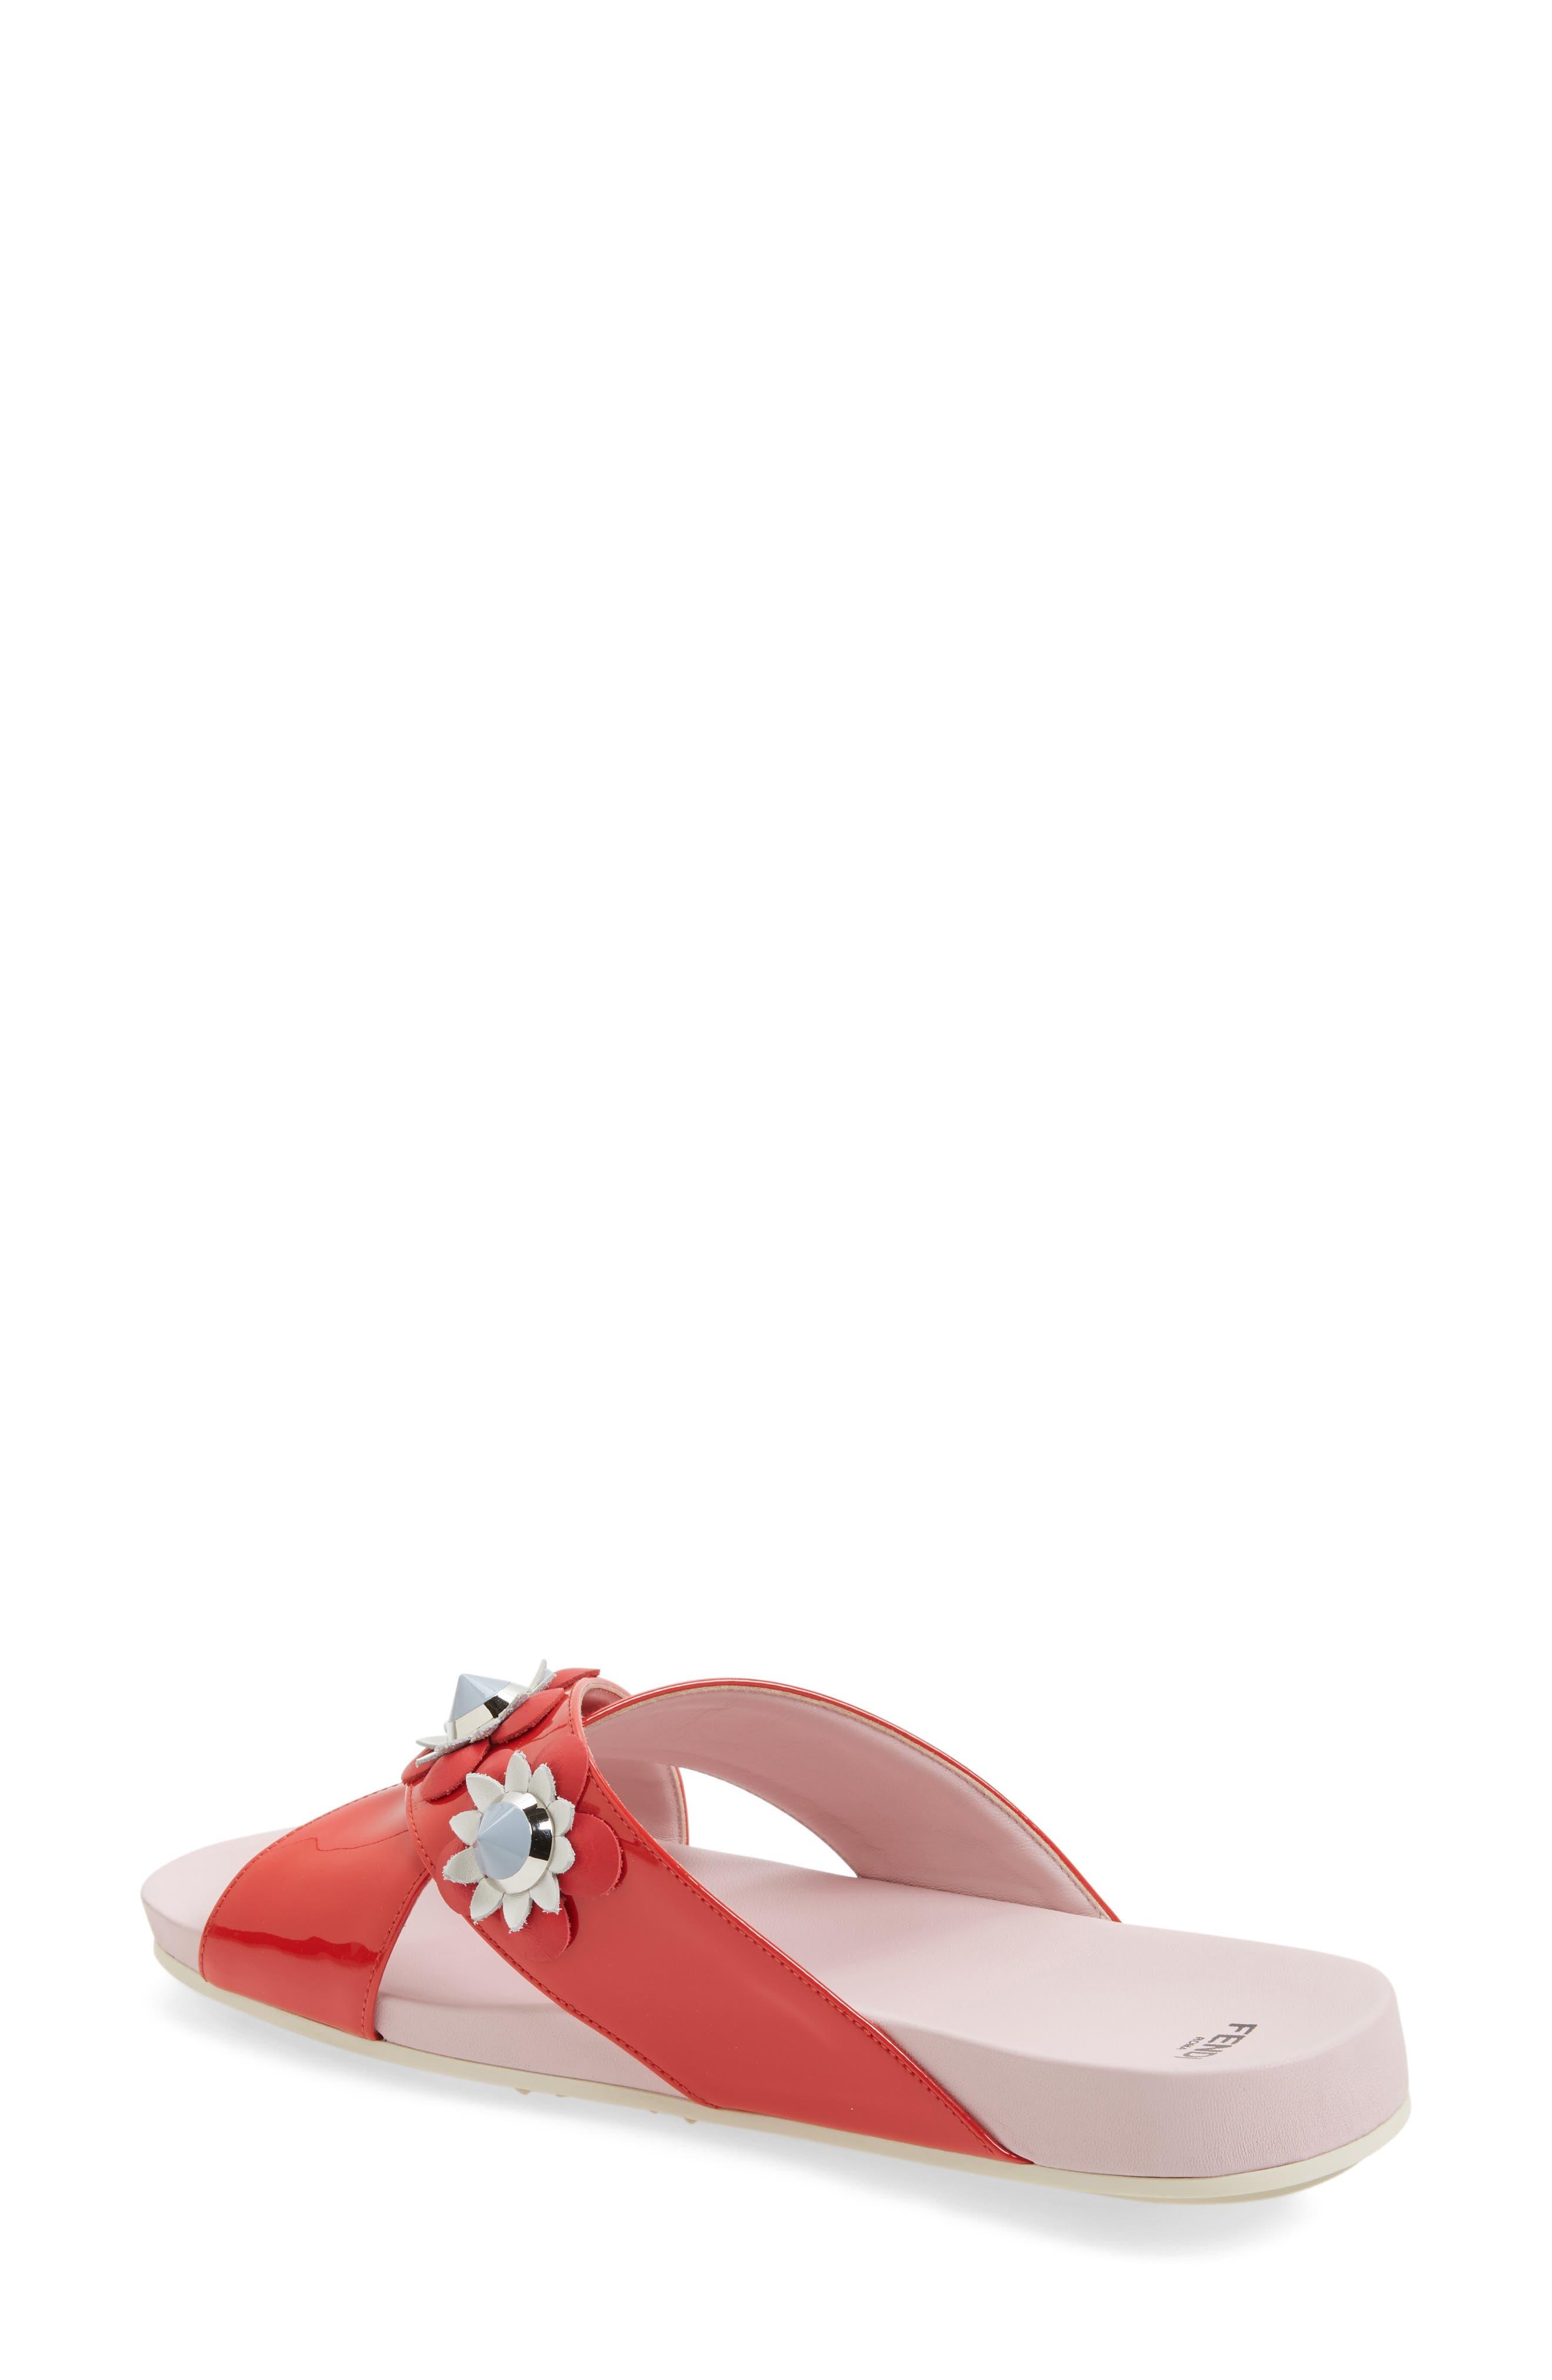 Flowerland Slide Sandal,                             Alternate thumbnail 6, color,